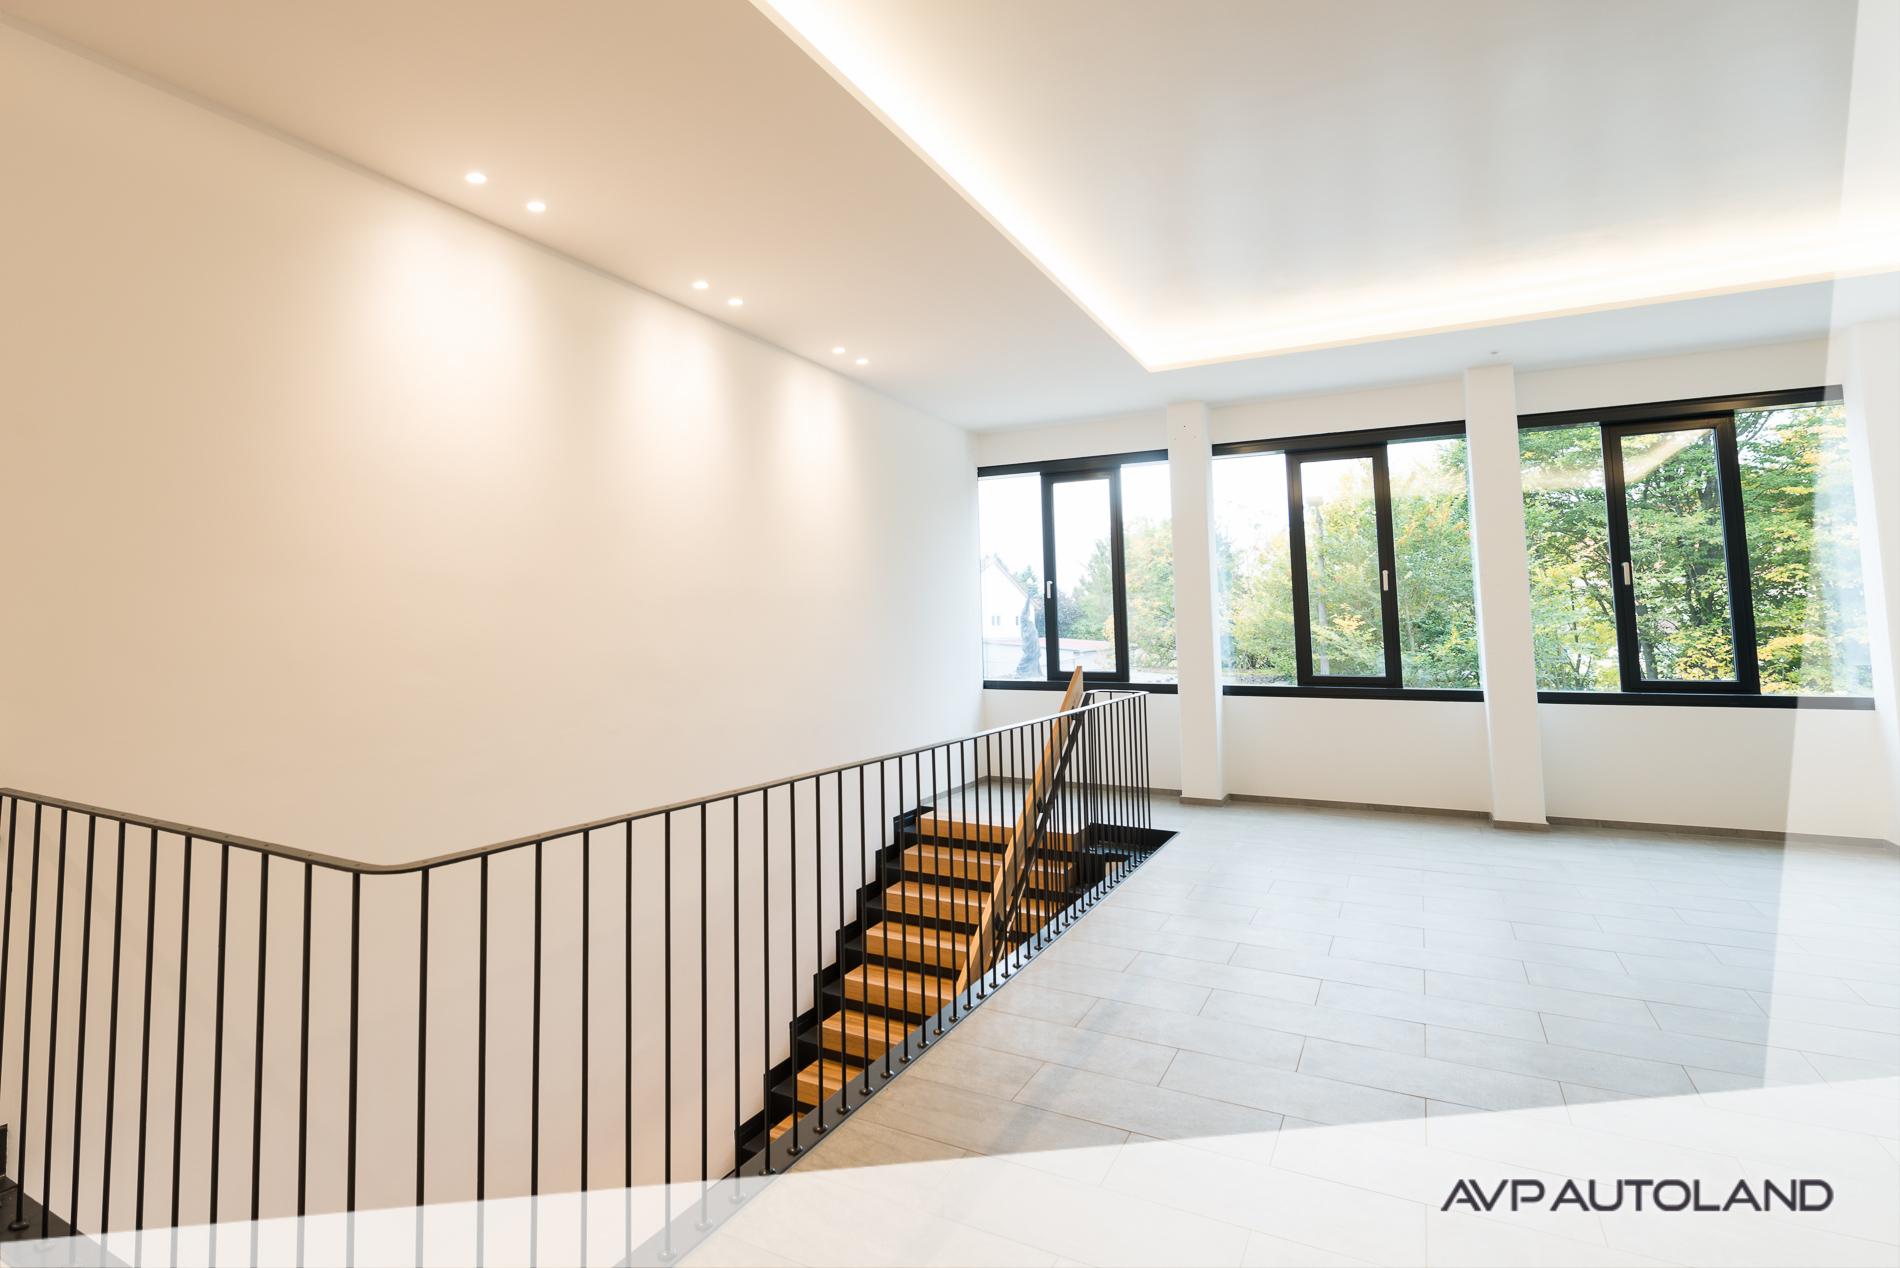 kraftfahrzeuge garage reparatur und service in plattling infobel deutschland. Black Bedroom Furniture Sets. Home Design Ideas